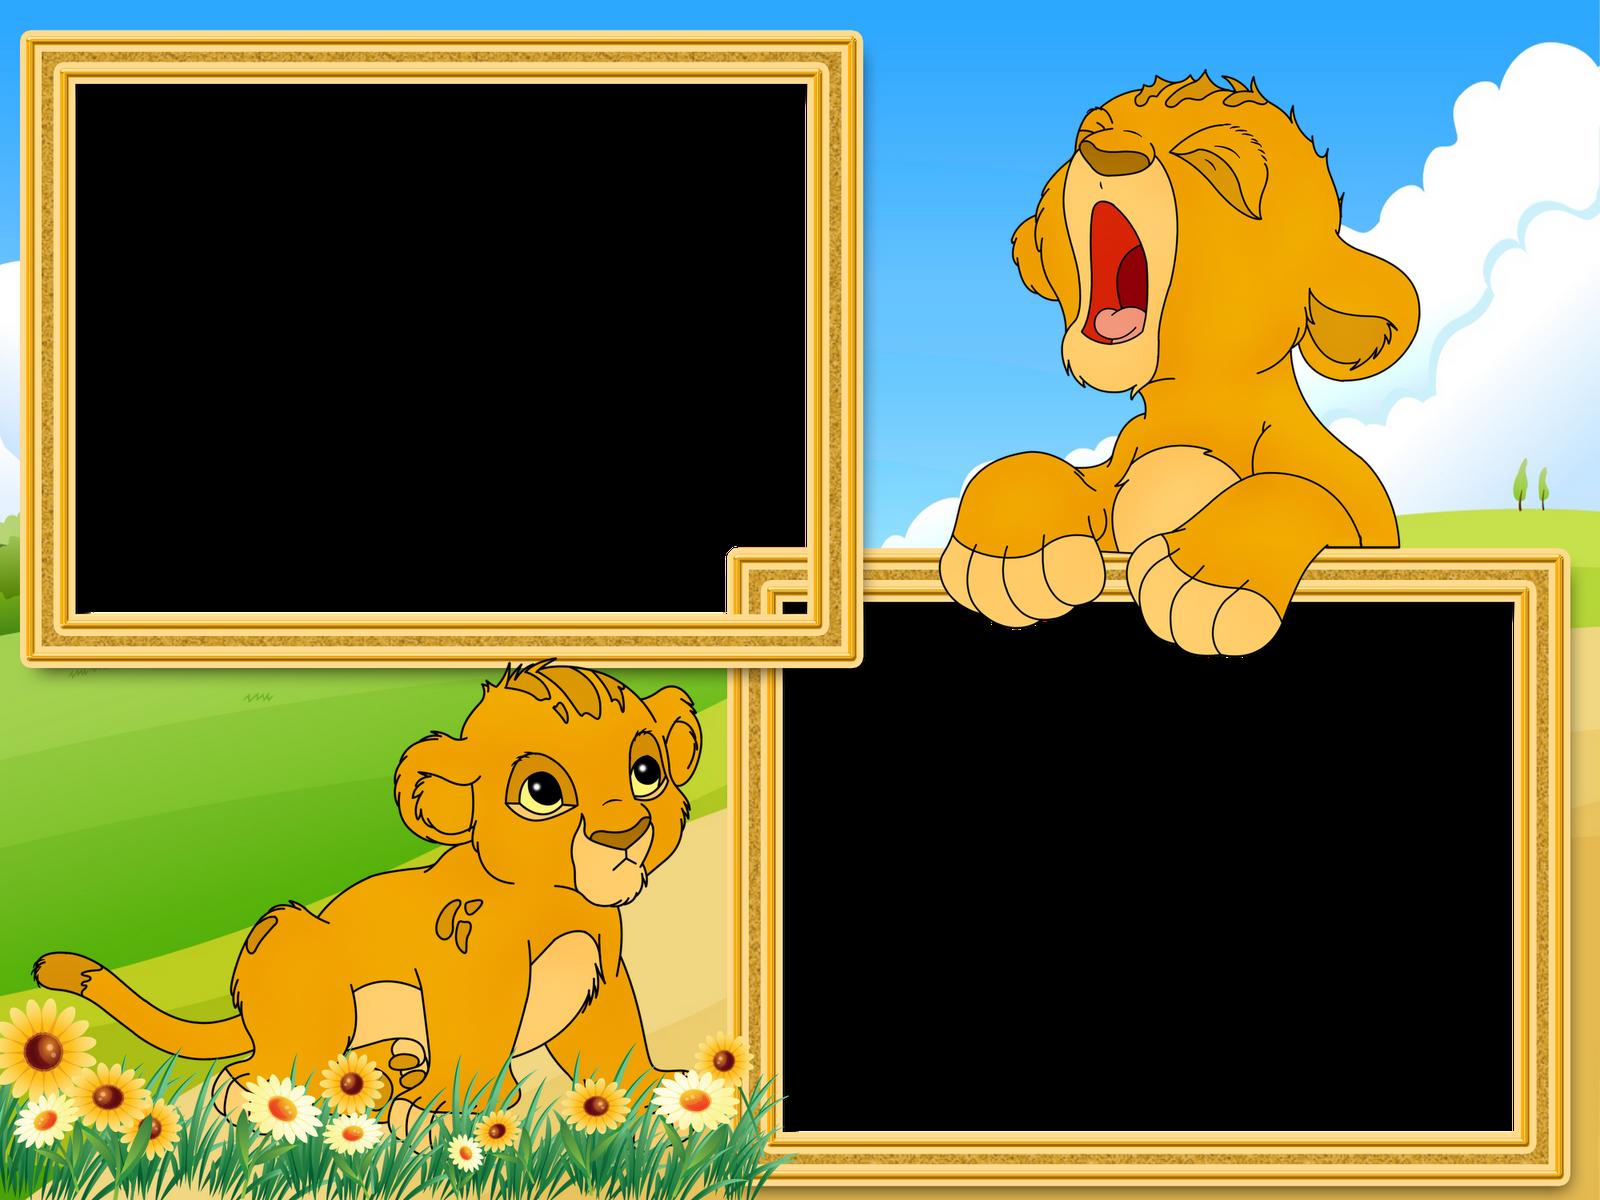 Marcos para fotos infantiles | Fondos de pantalla y mucho más | Página 3